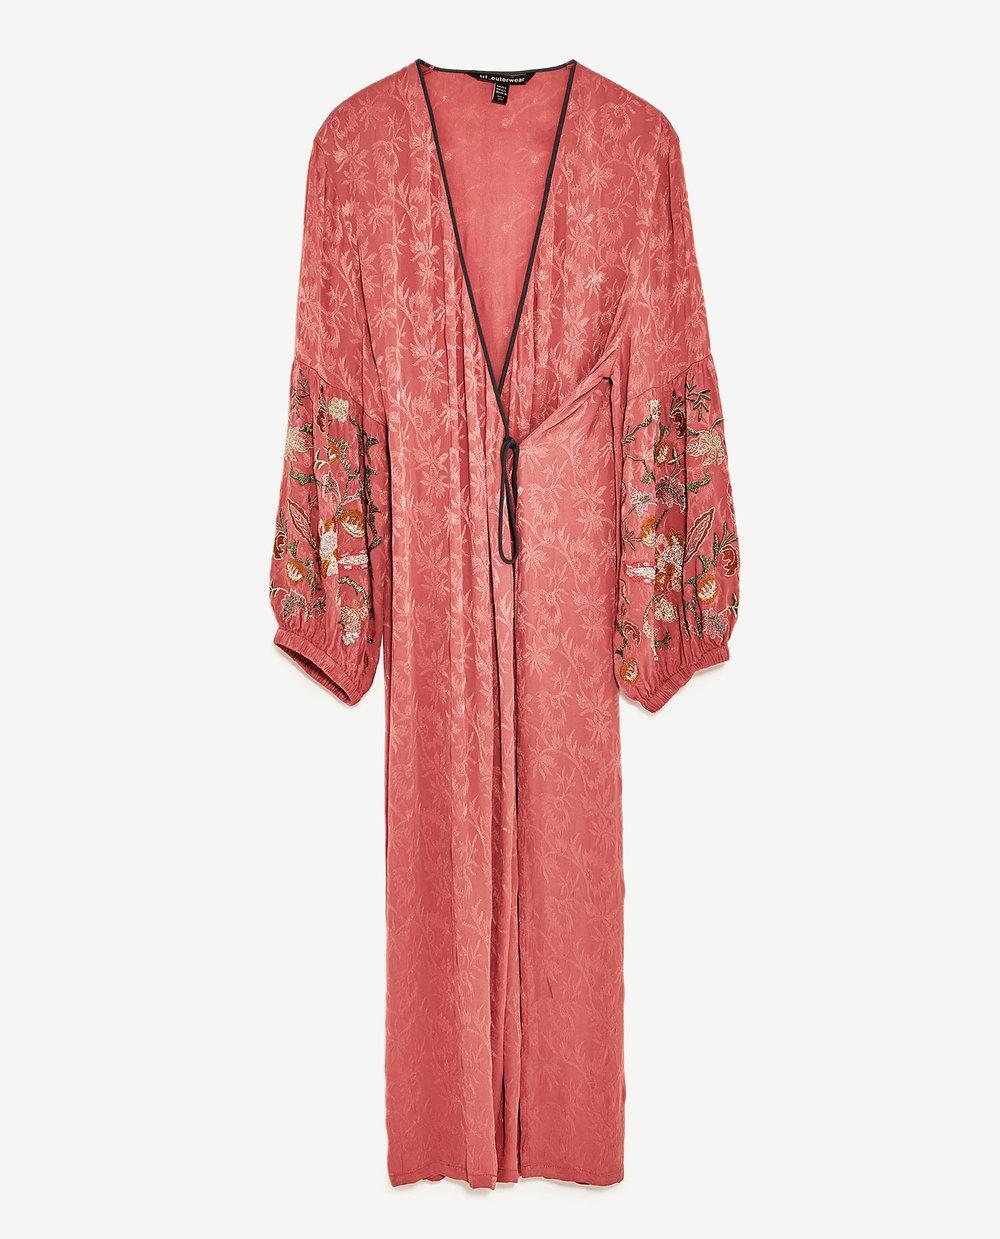 Zara Kimono w/ full sleeves: $149.00